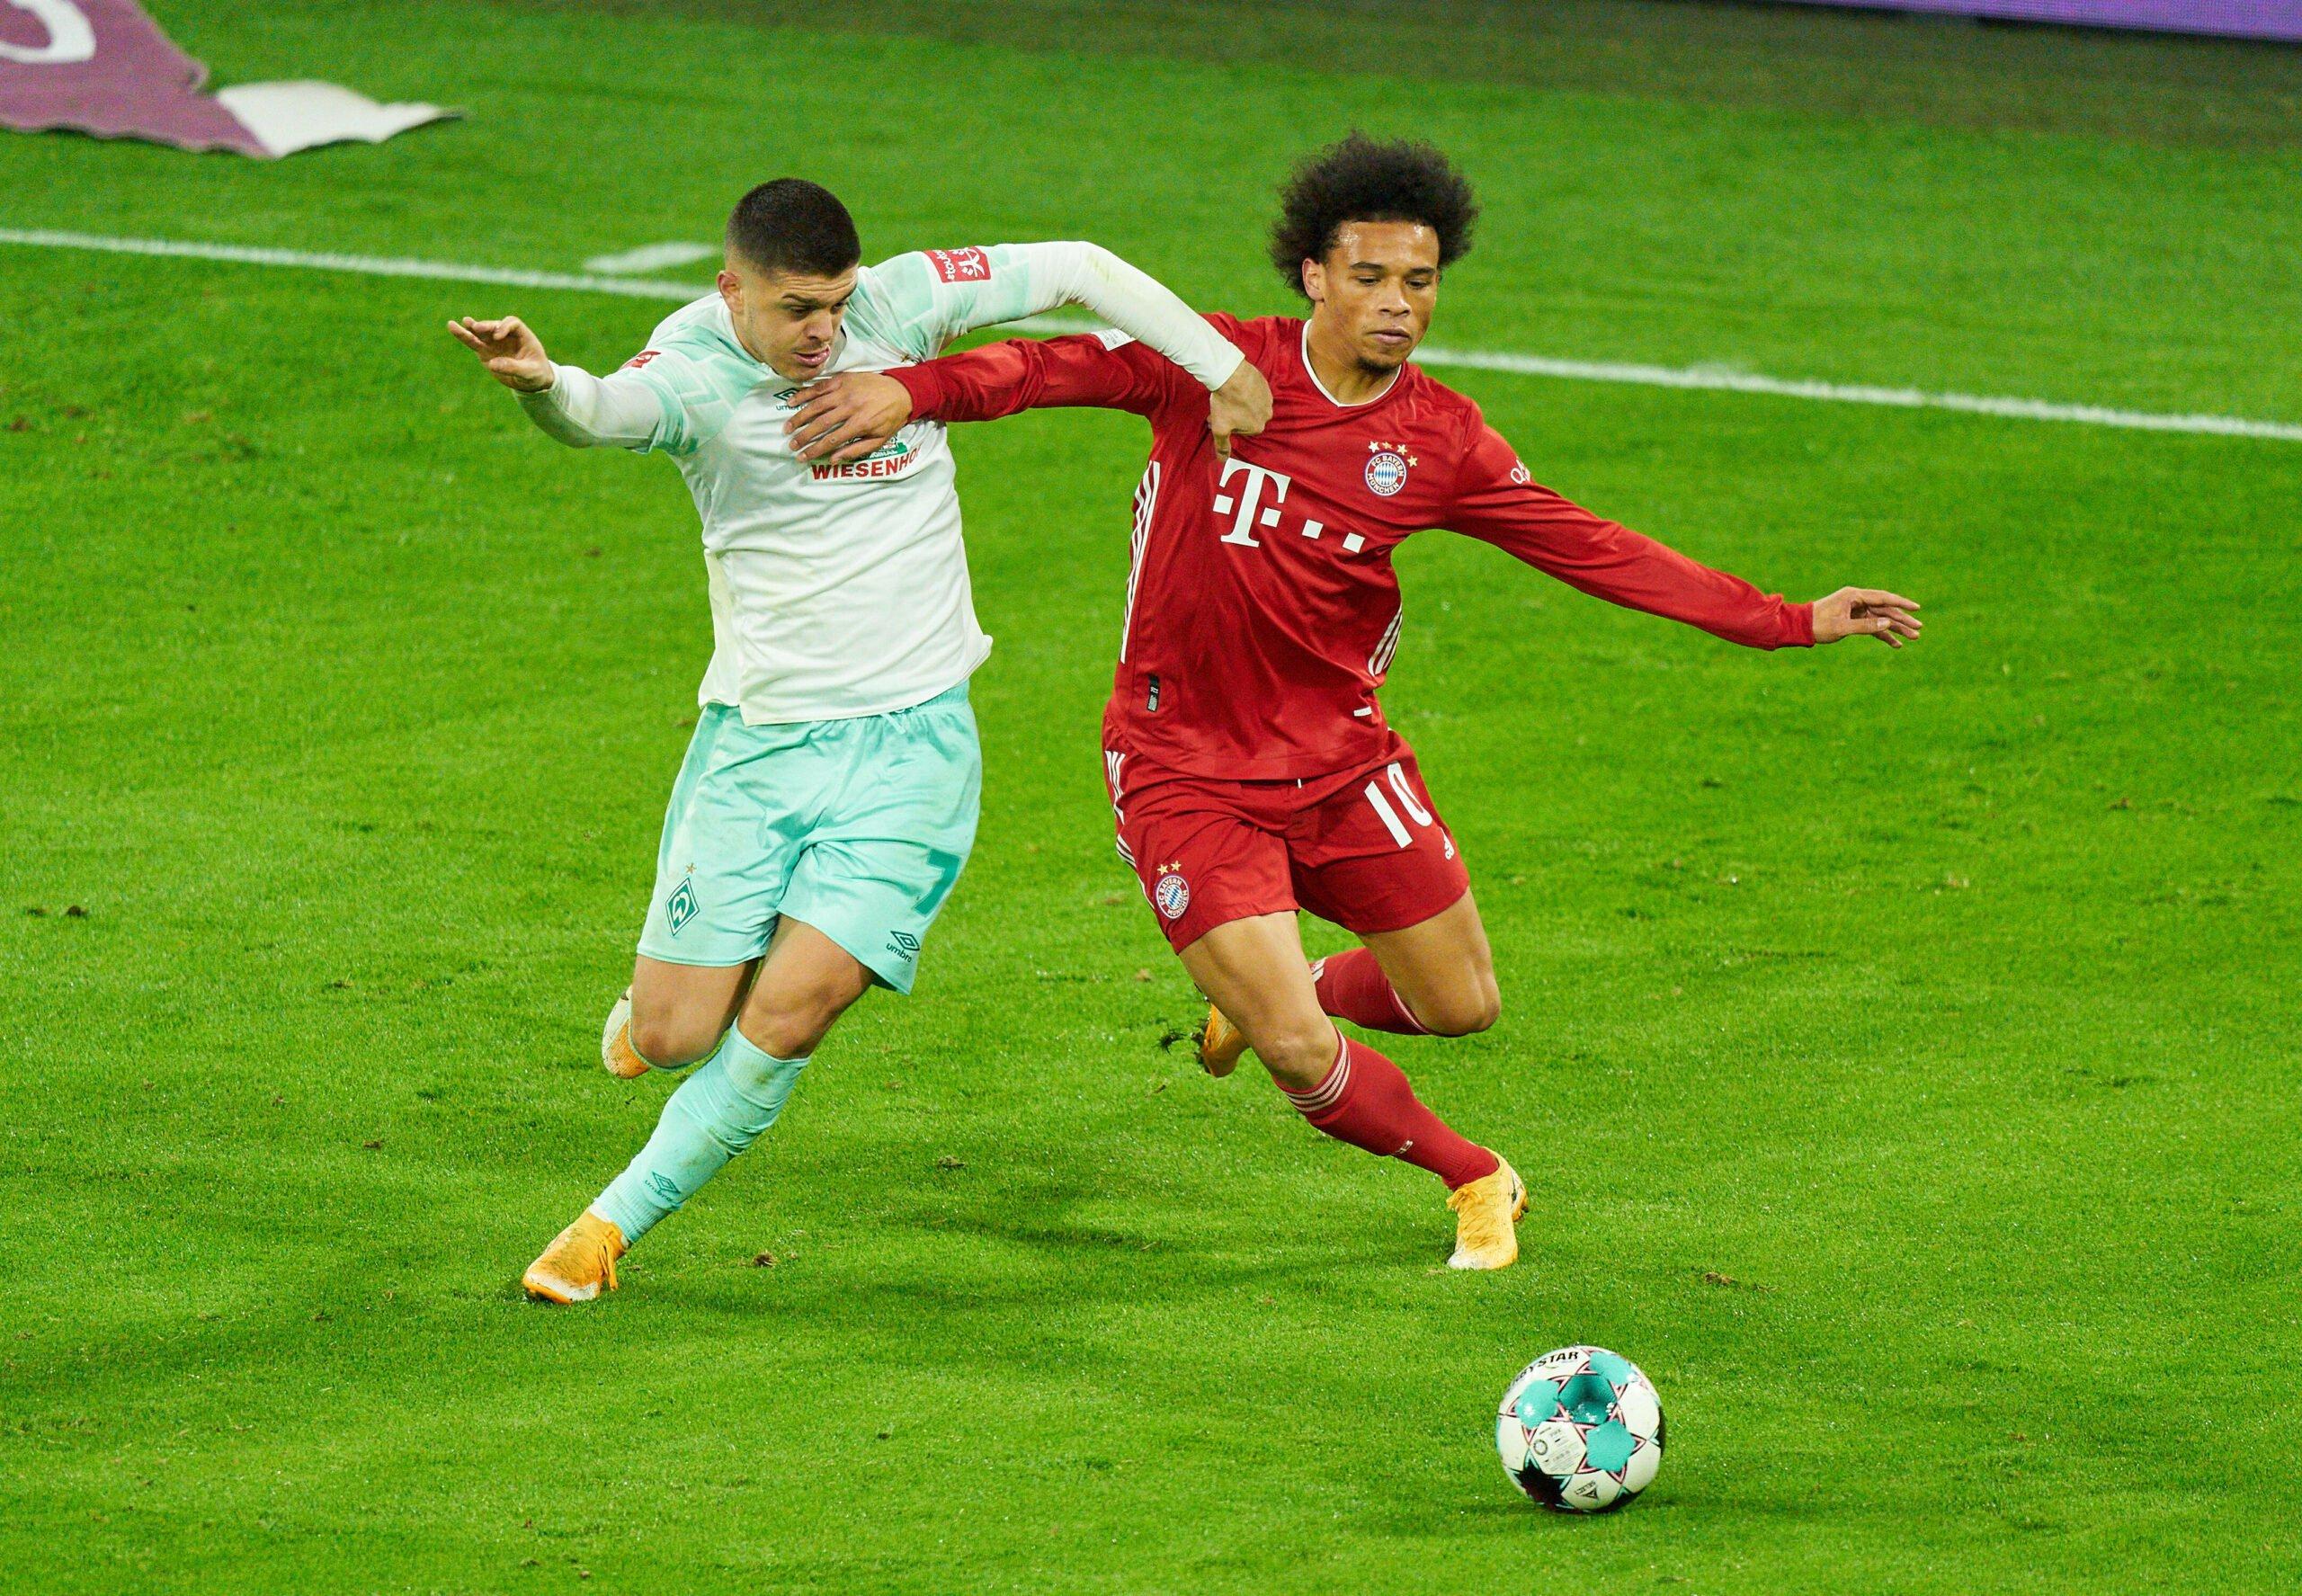 FC Bayern vs. Werder Bremen